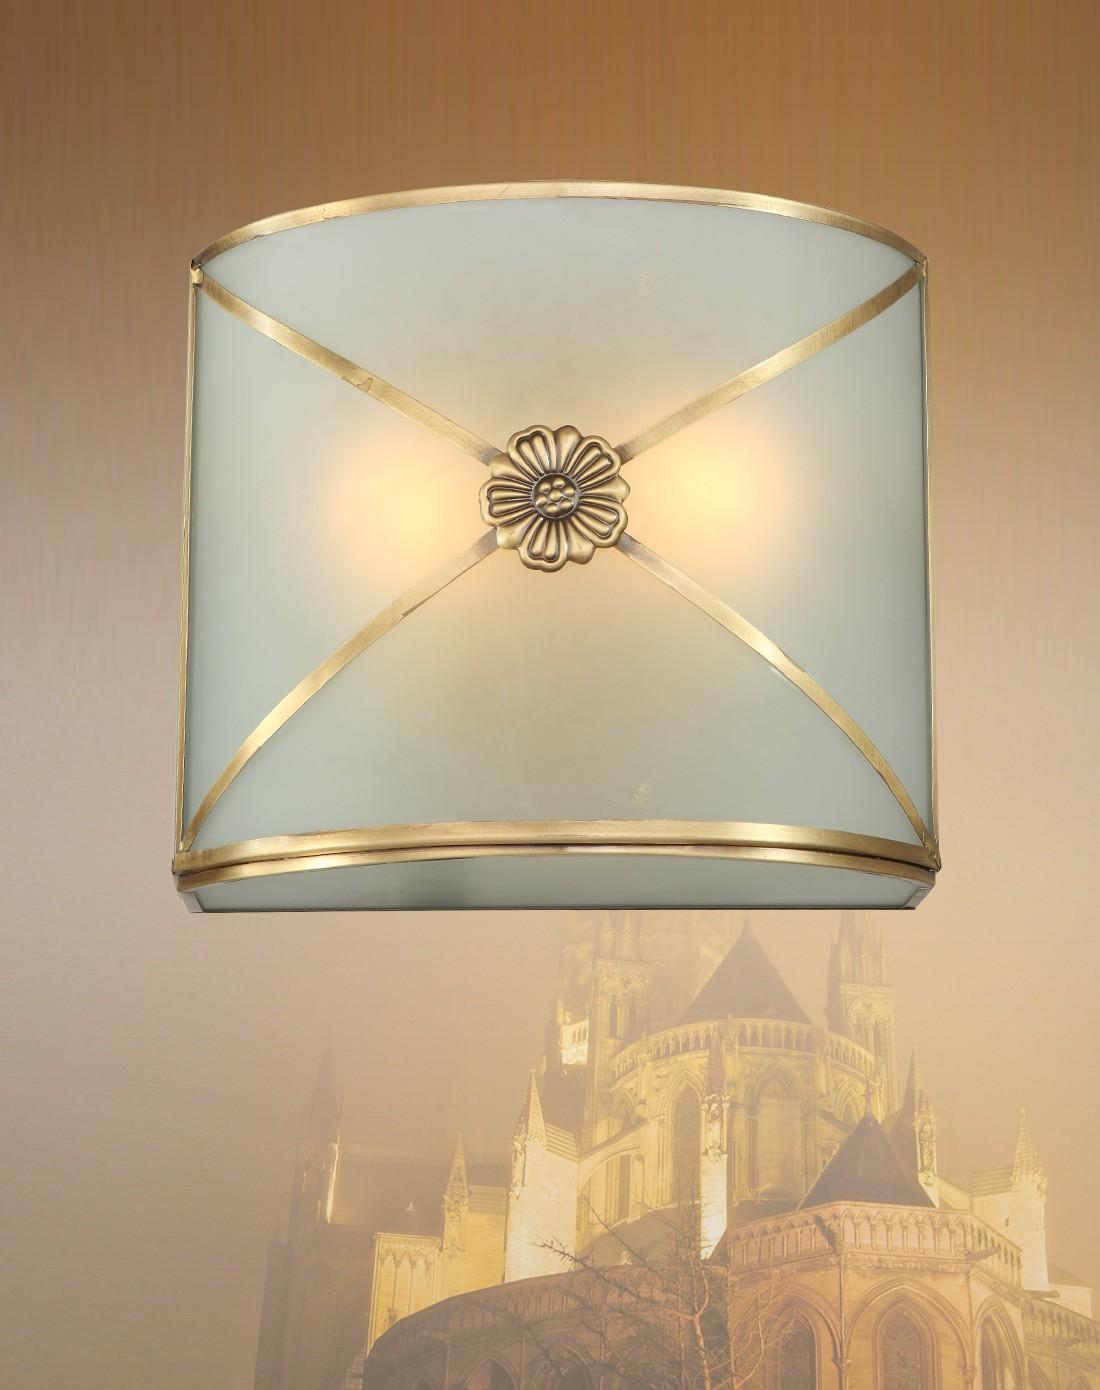 全铜壁灯 美式过道阳台灯具图片